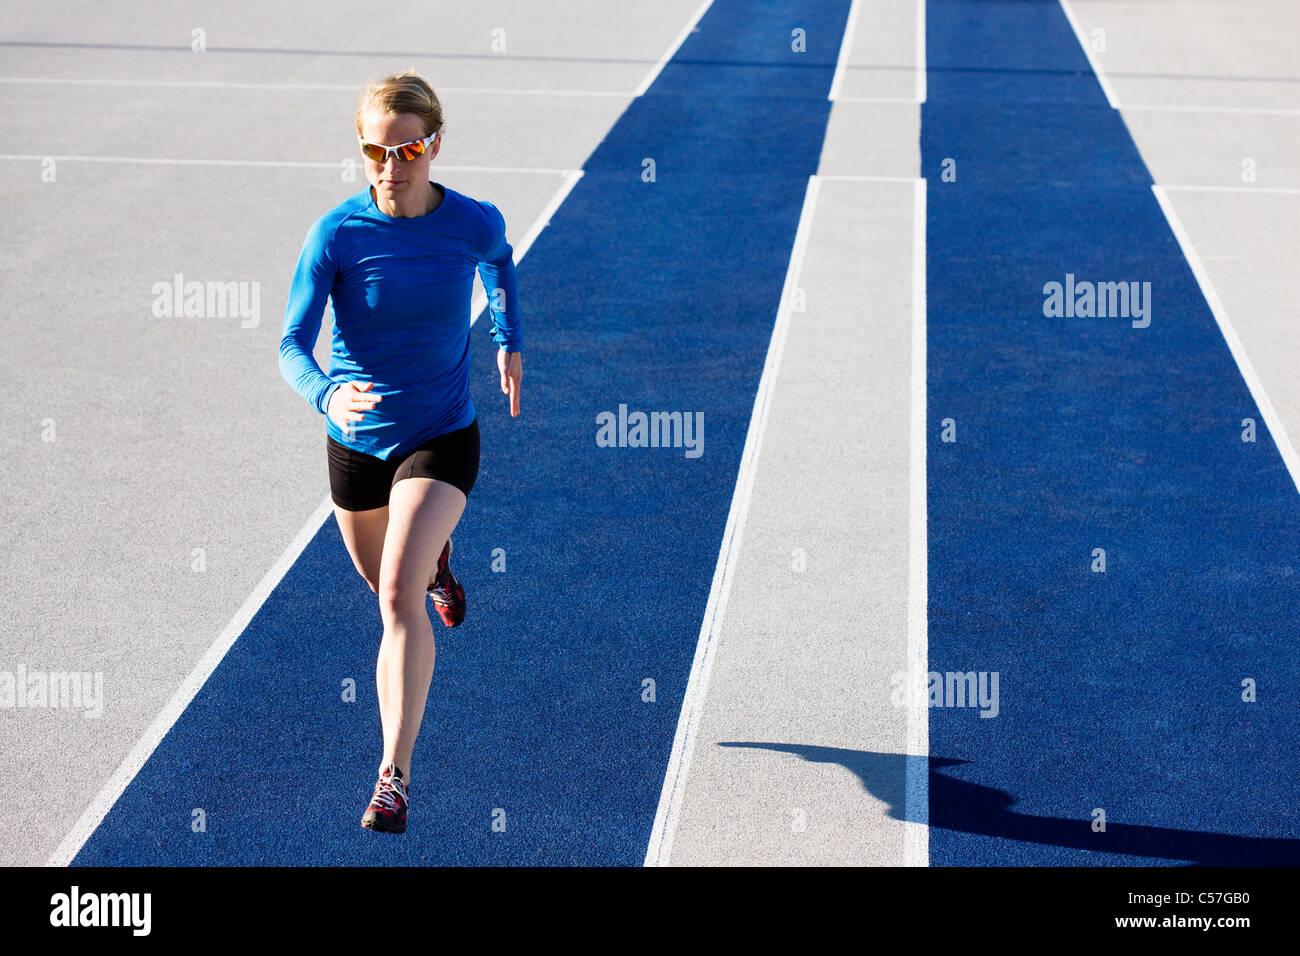 Mujer corriendo en la pista Imagen De Stock